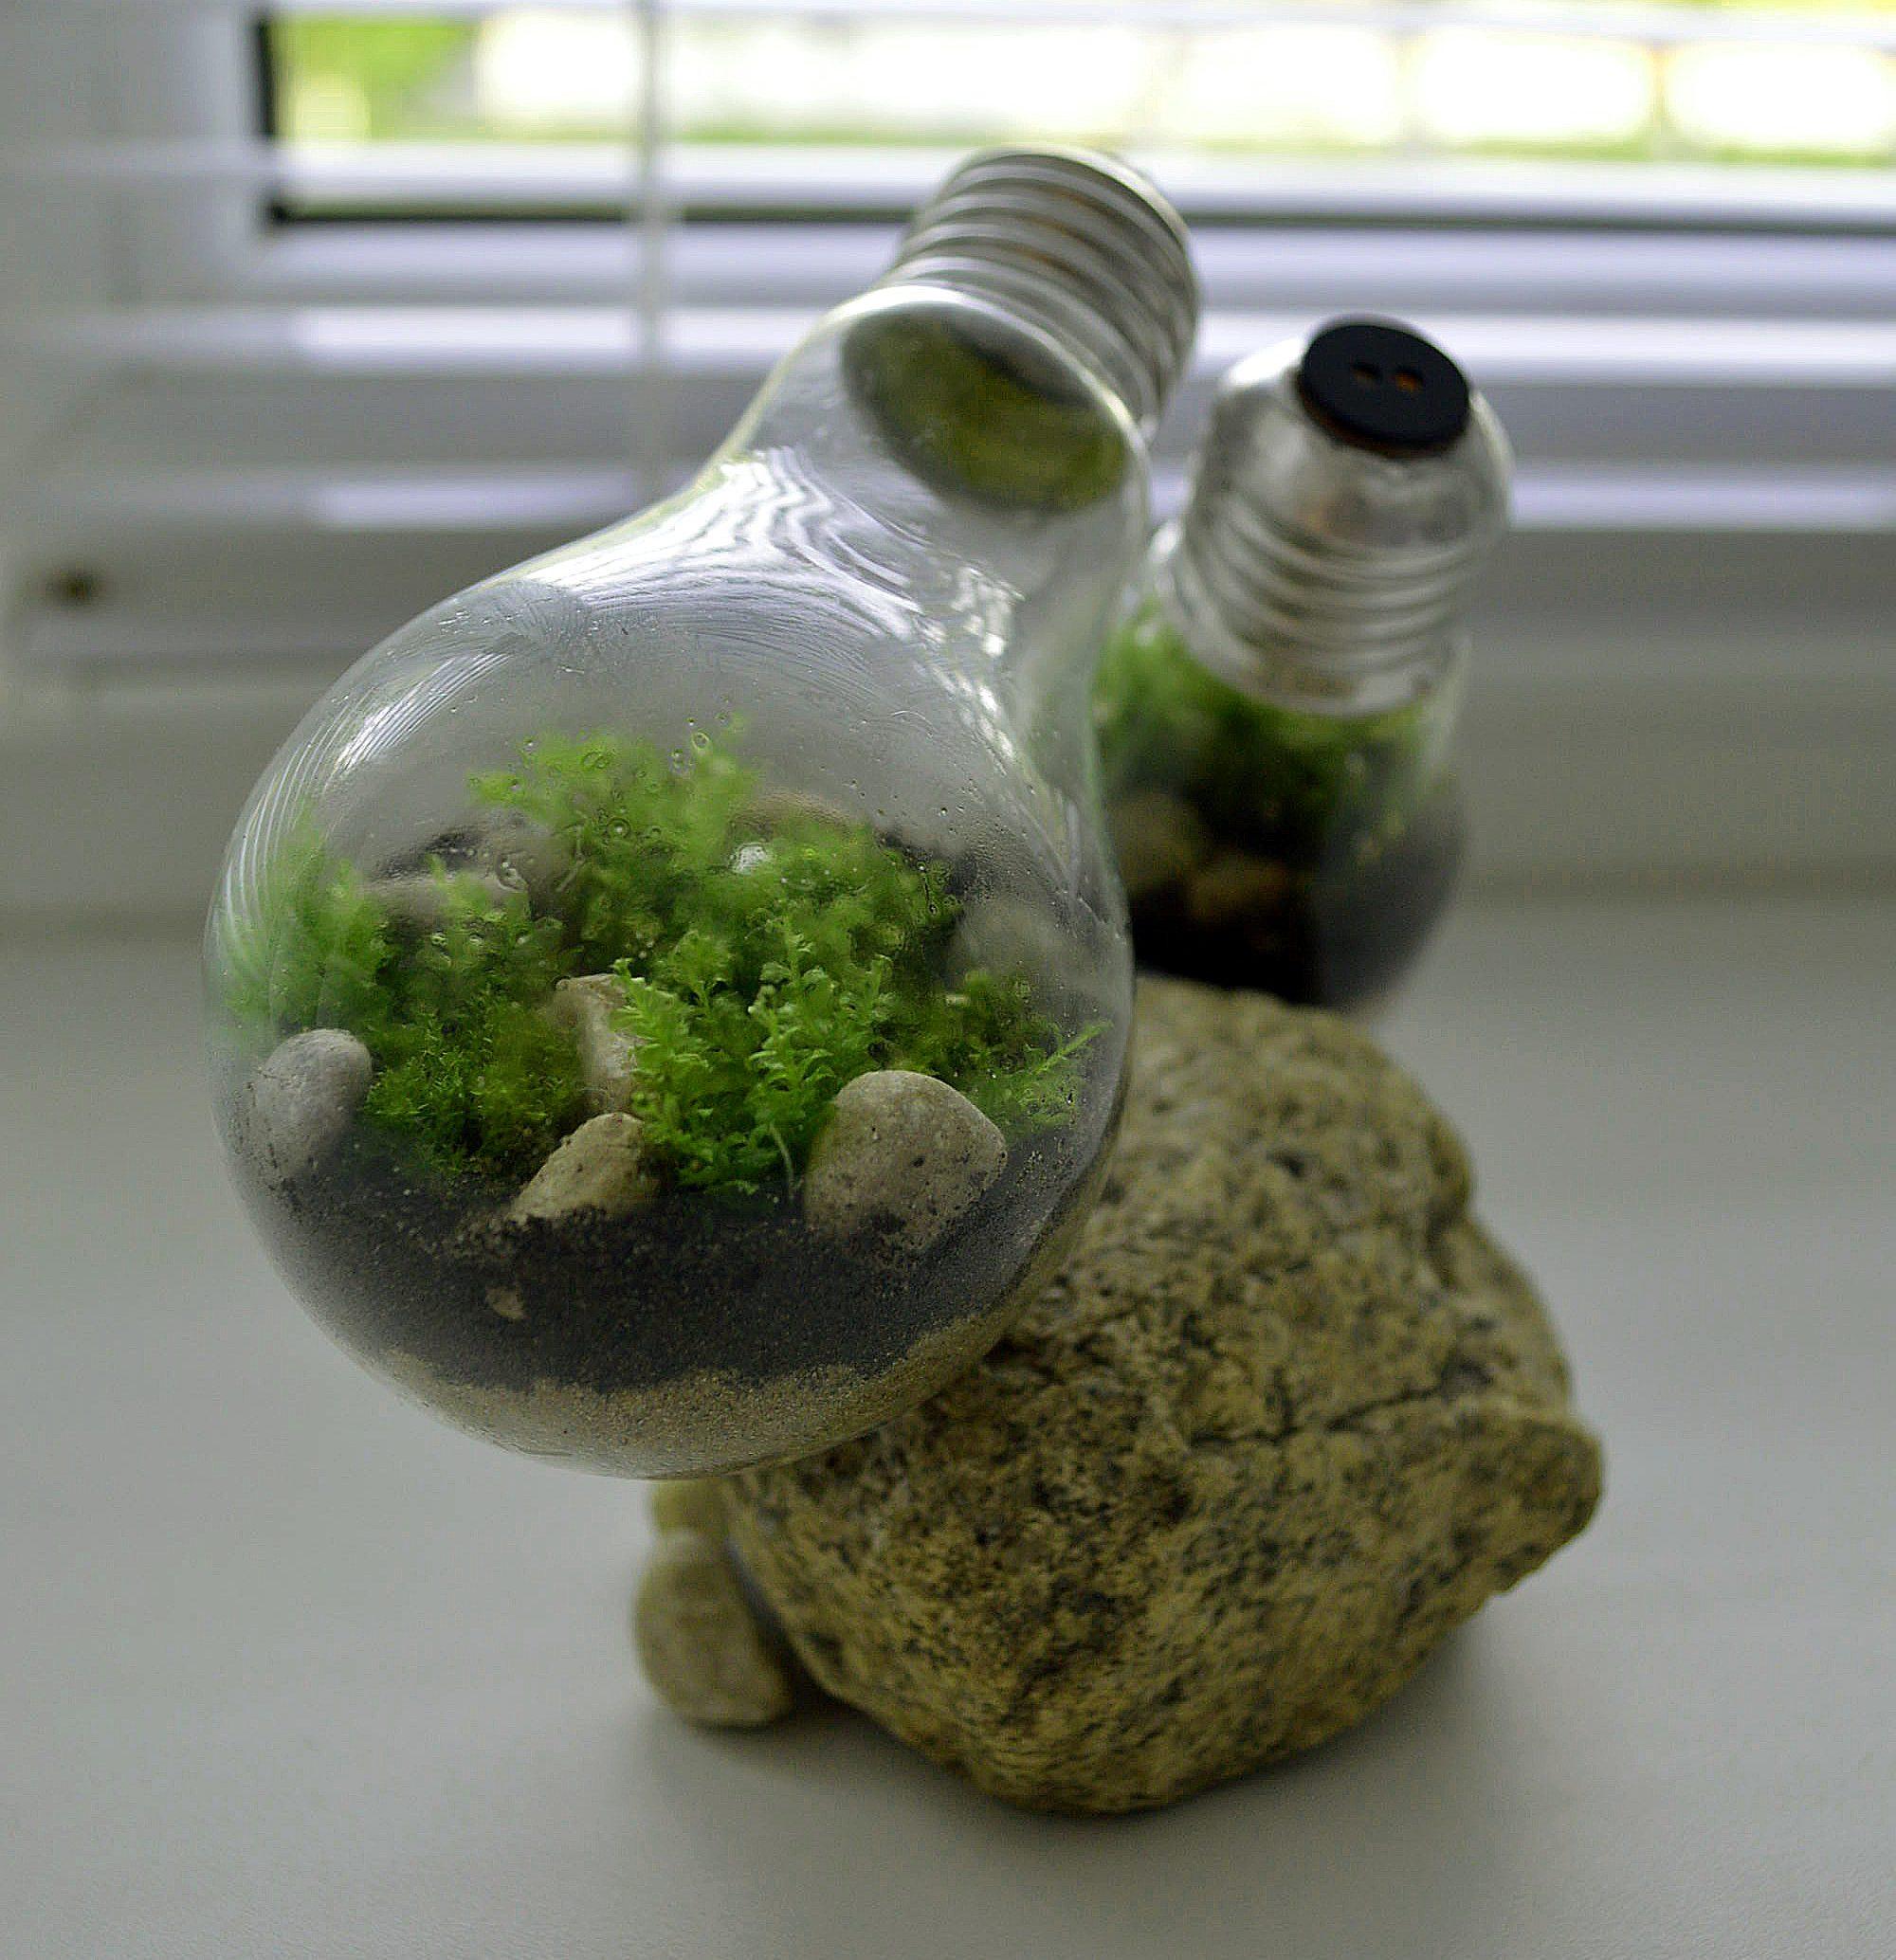 Отсадник для мальков своими руками из пластиковой бутылки 7